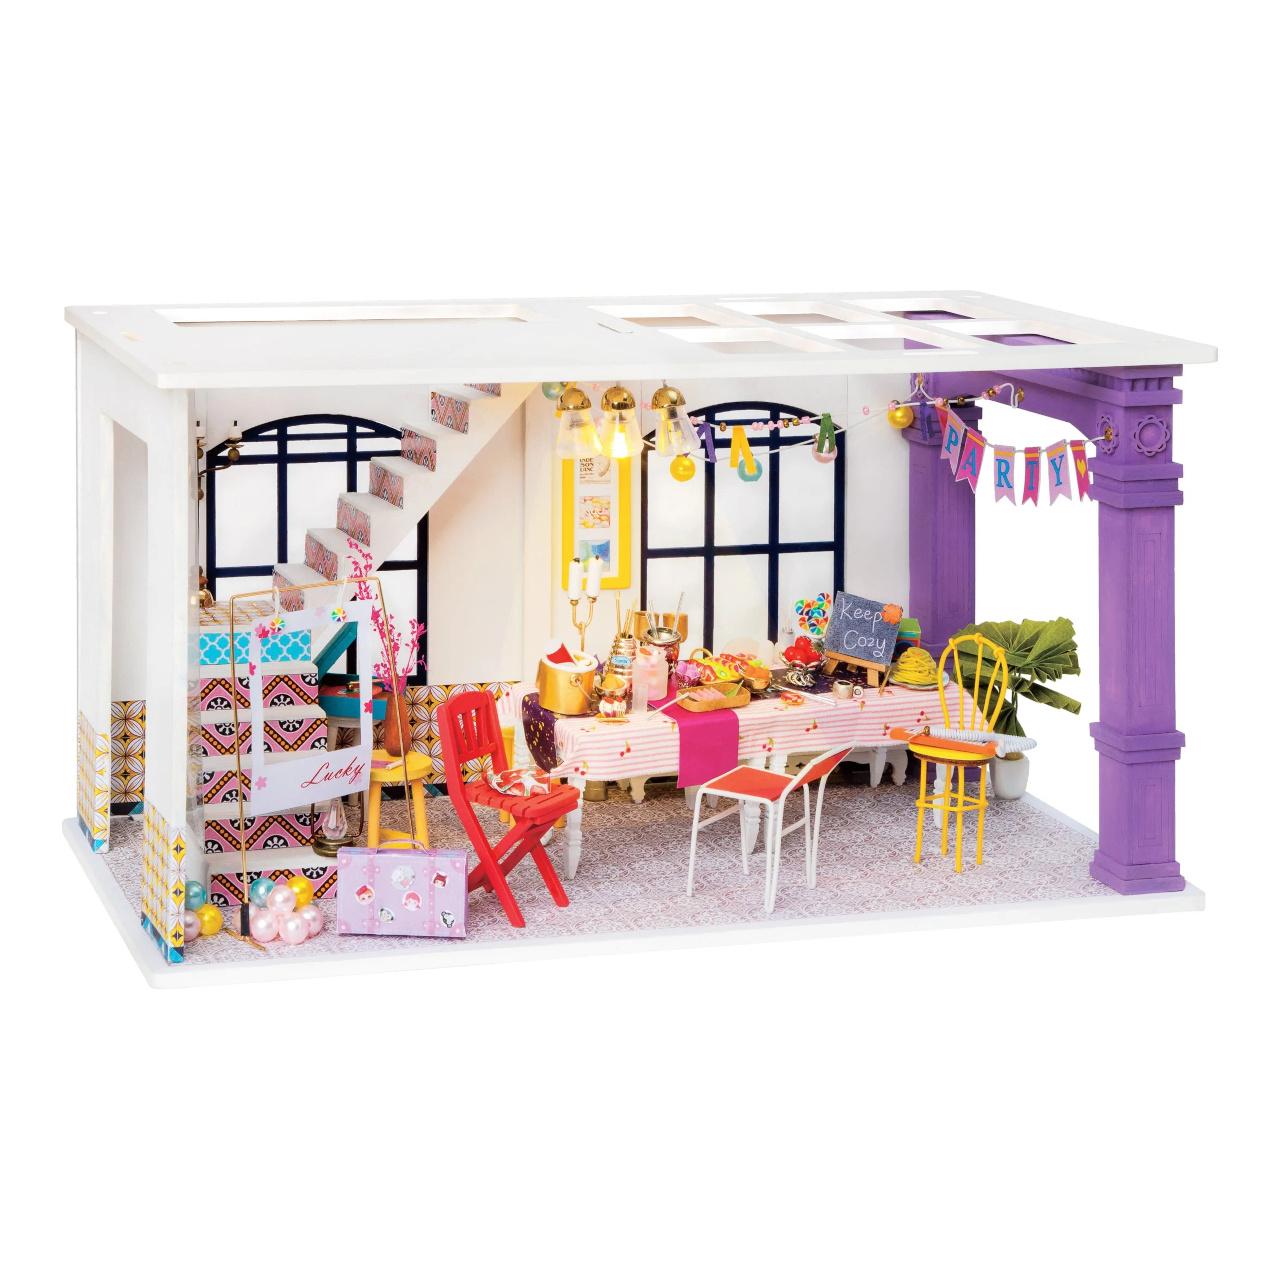 RoboTime miniatura domečku Podkrovní párty jídelna